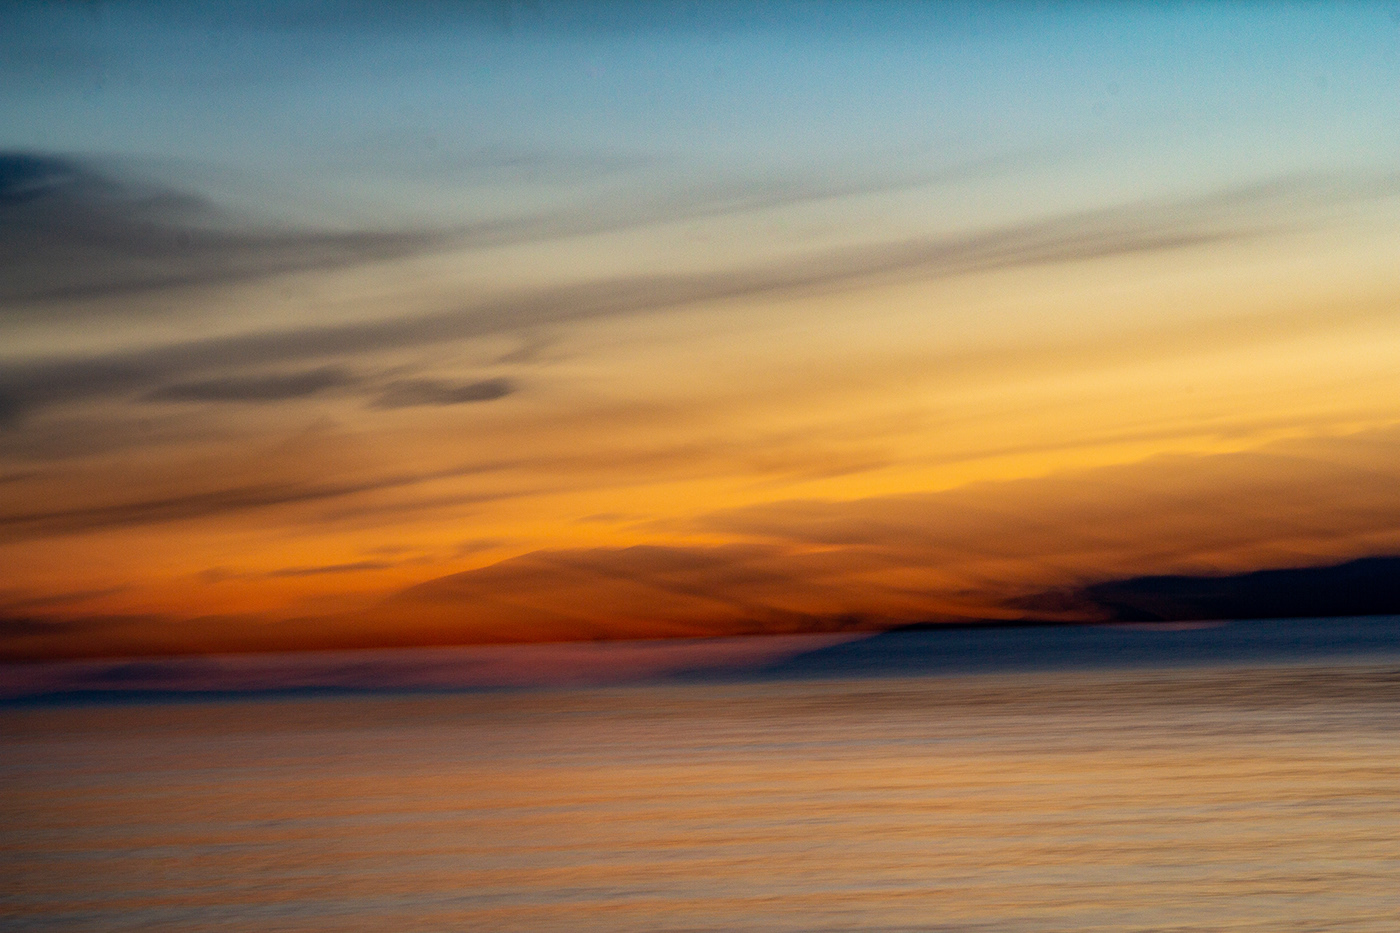 ICM photography, Lake Léman, Switzerland, sunset